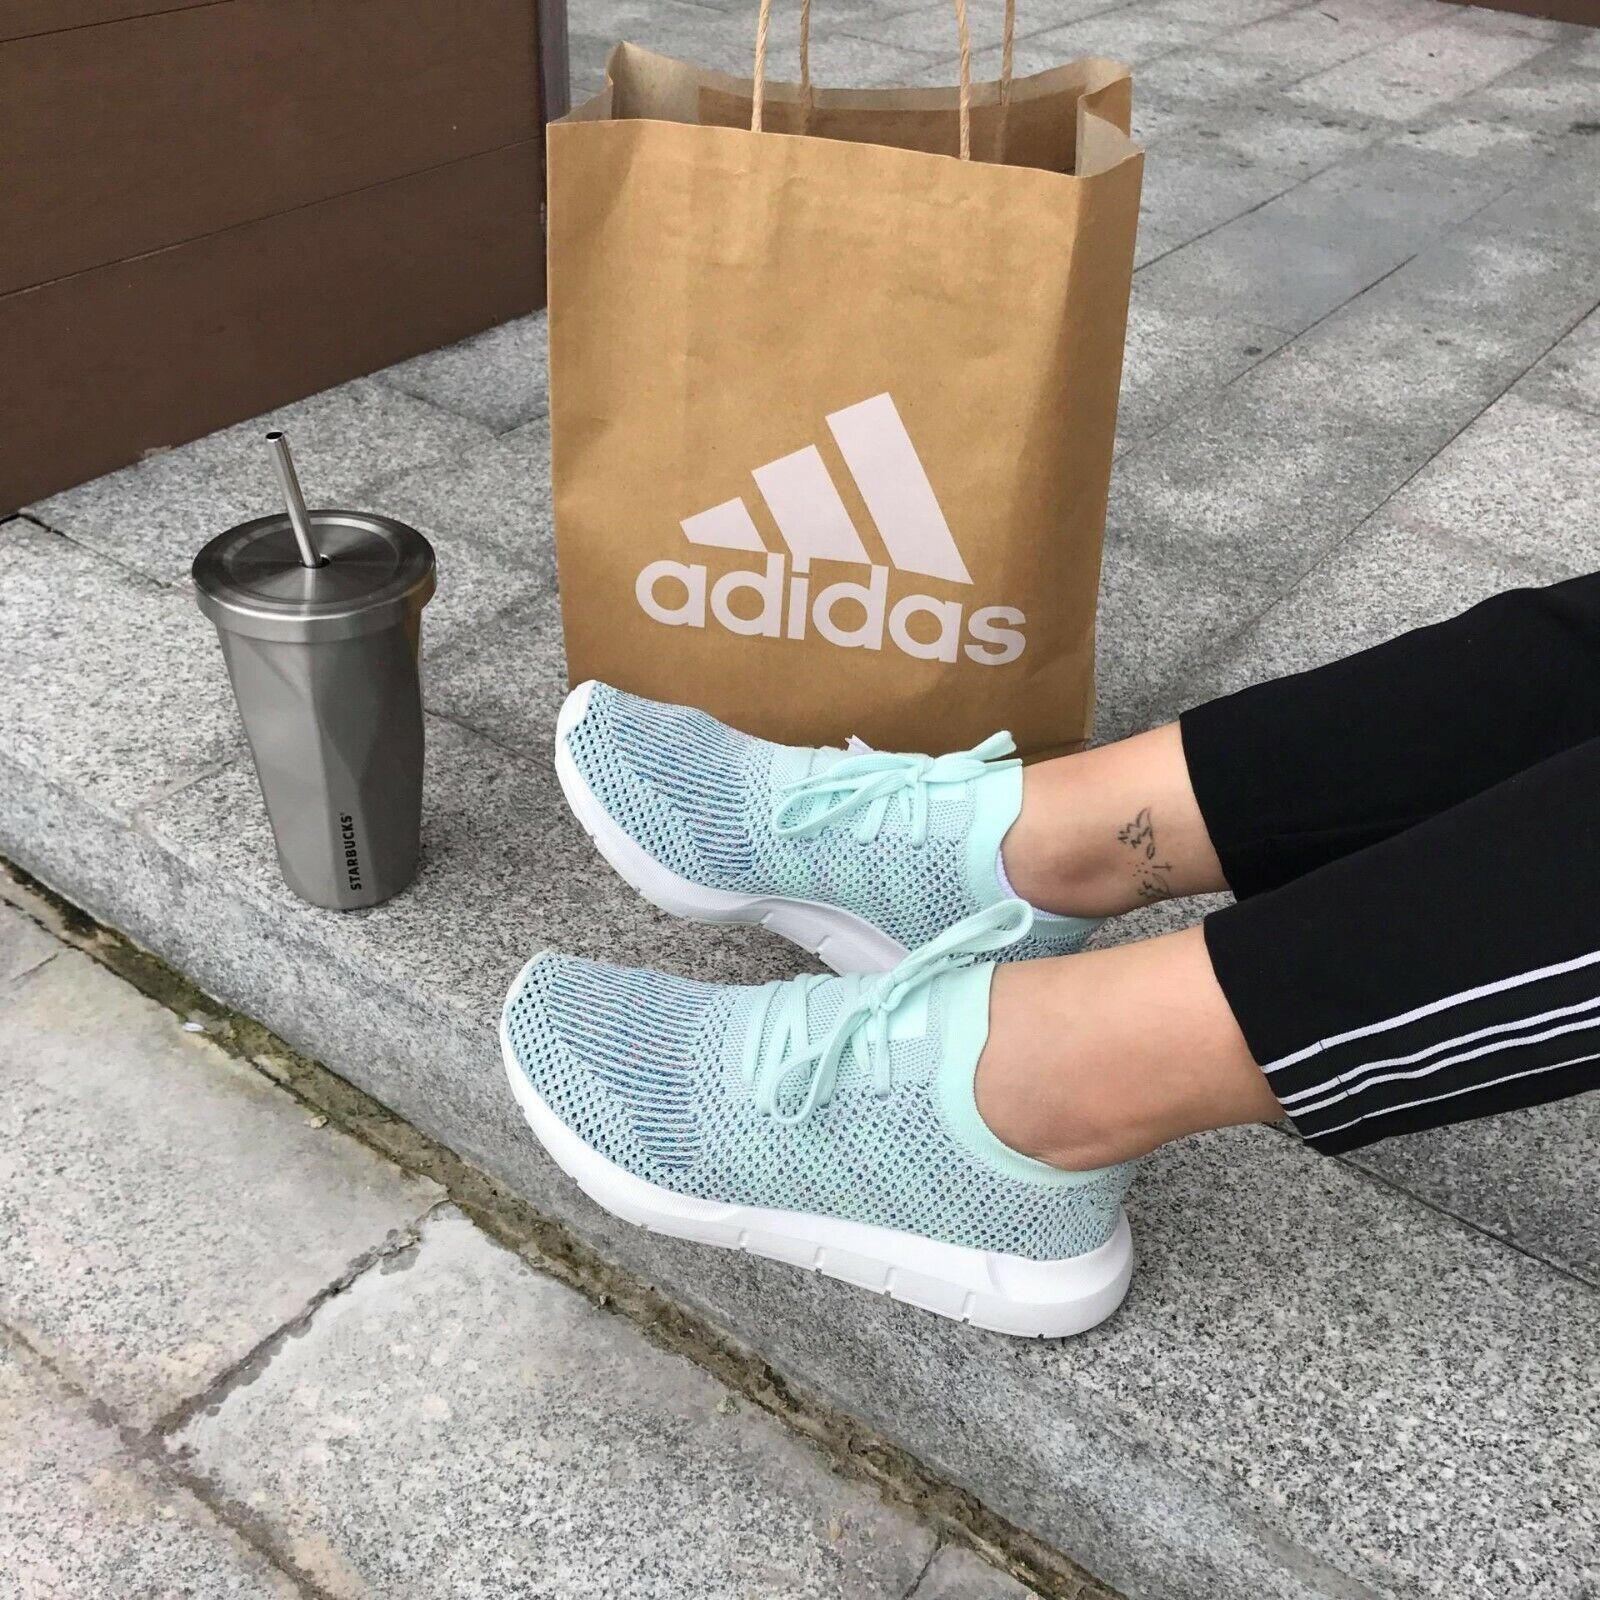 women's adidas swift run trainers